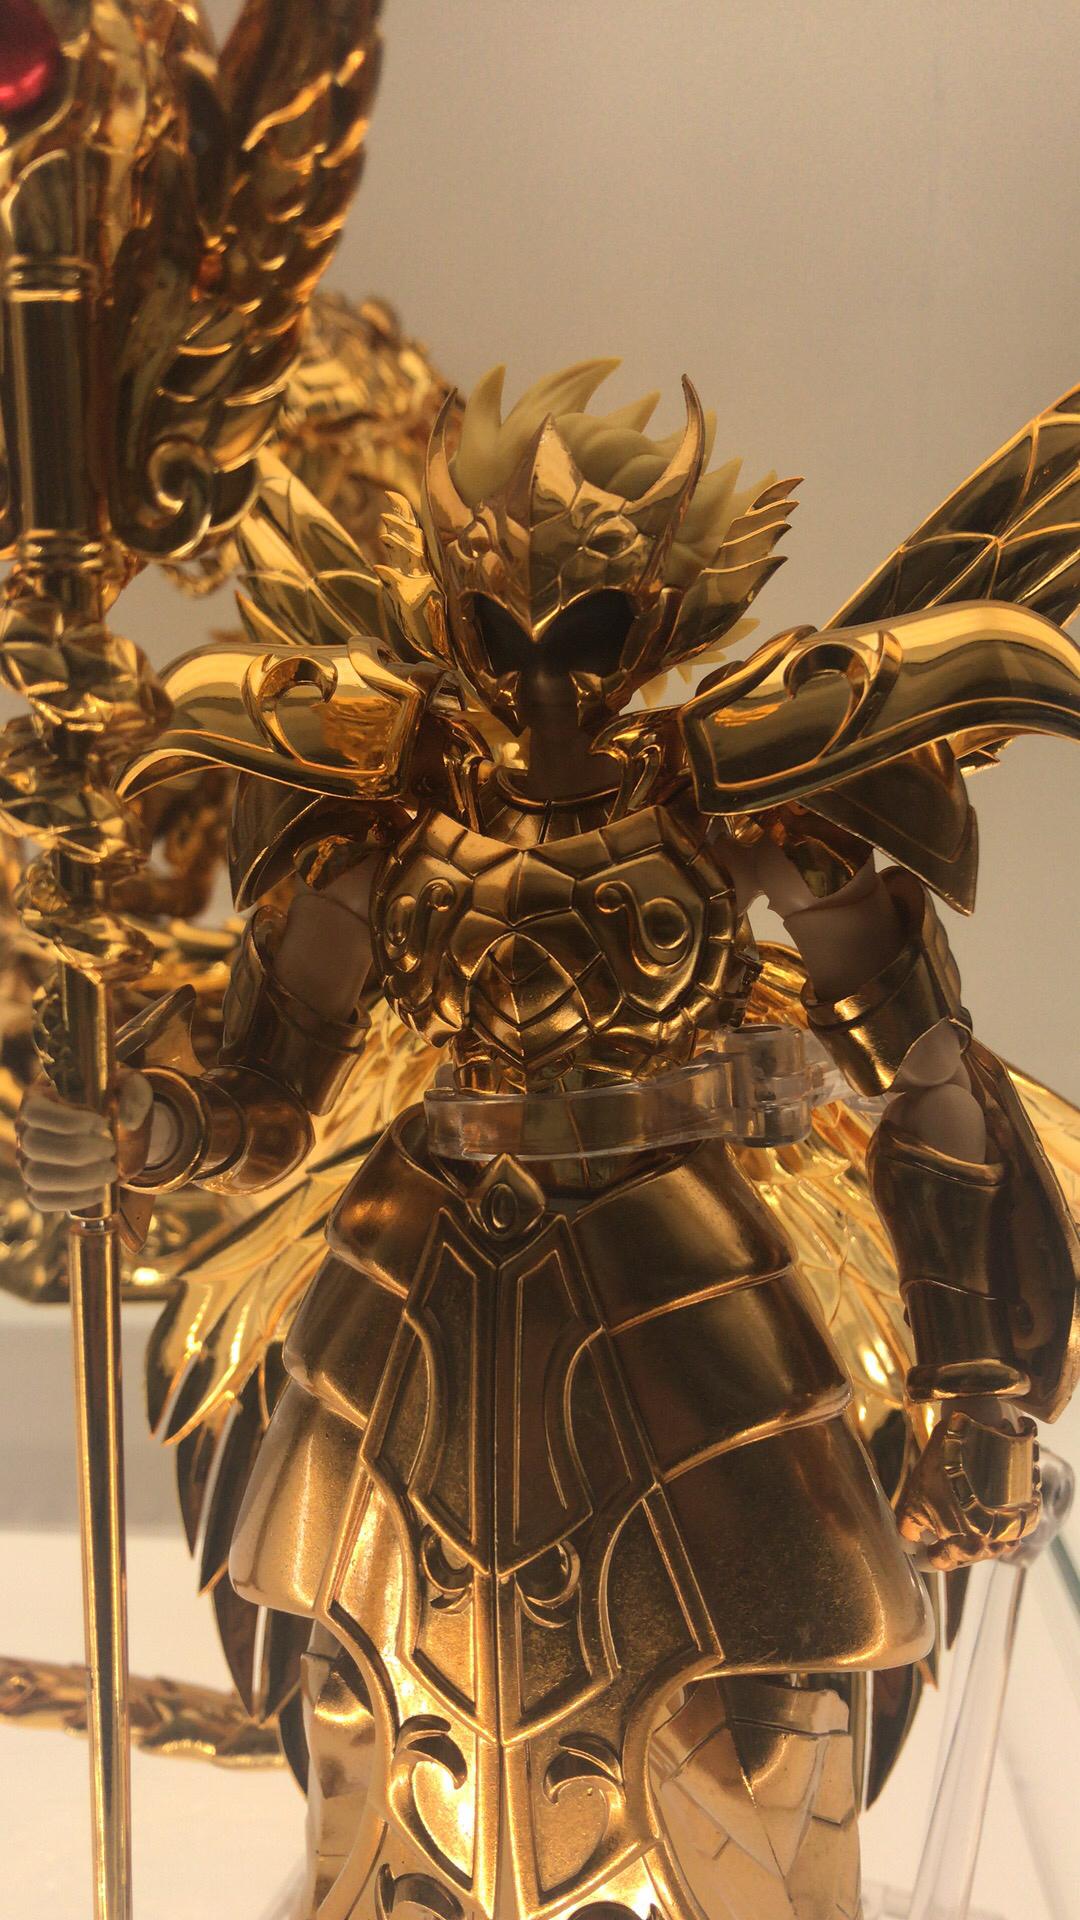 [Comentários] Saint Cloth Myth Ex - Odisseu Cavaleiro de Ouro de Serpentario 0ja2XyHM_o